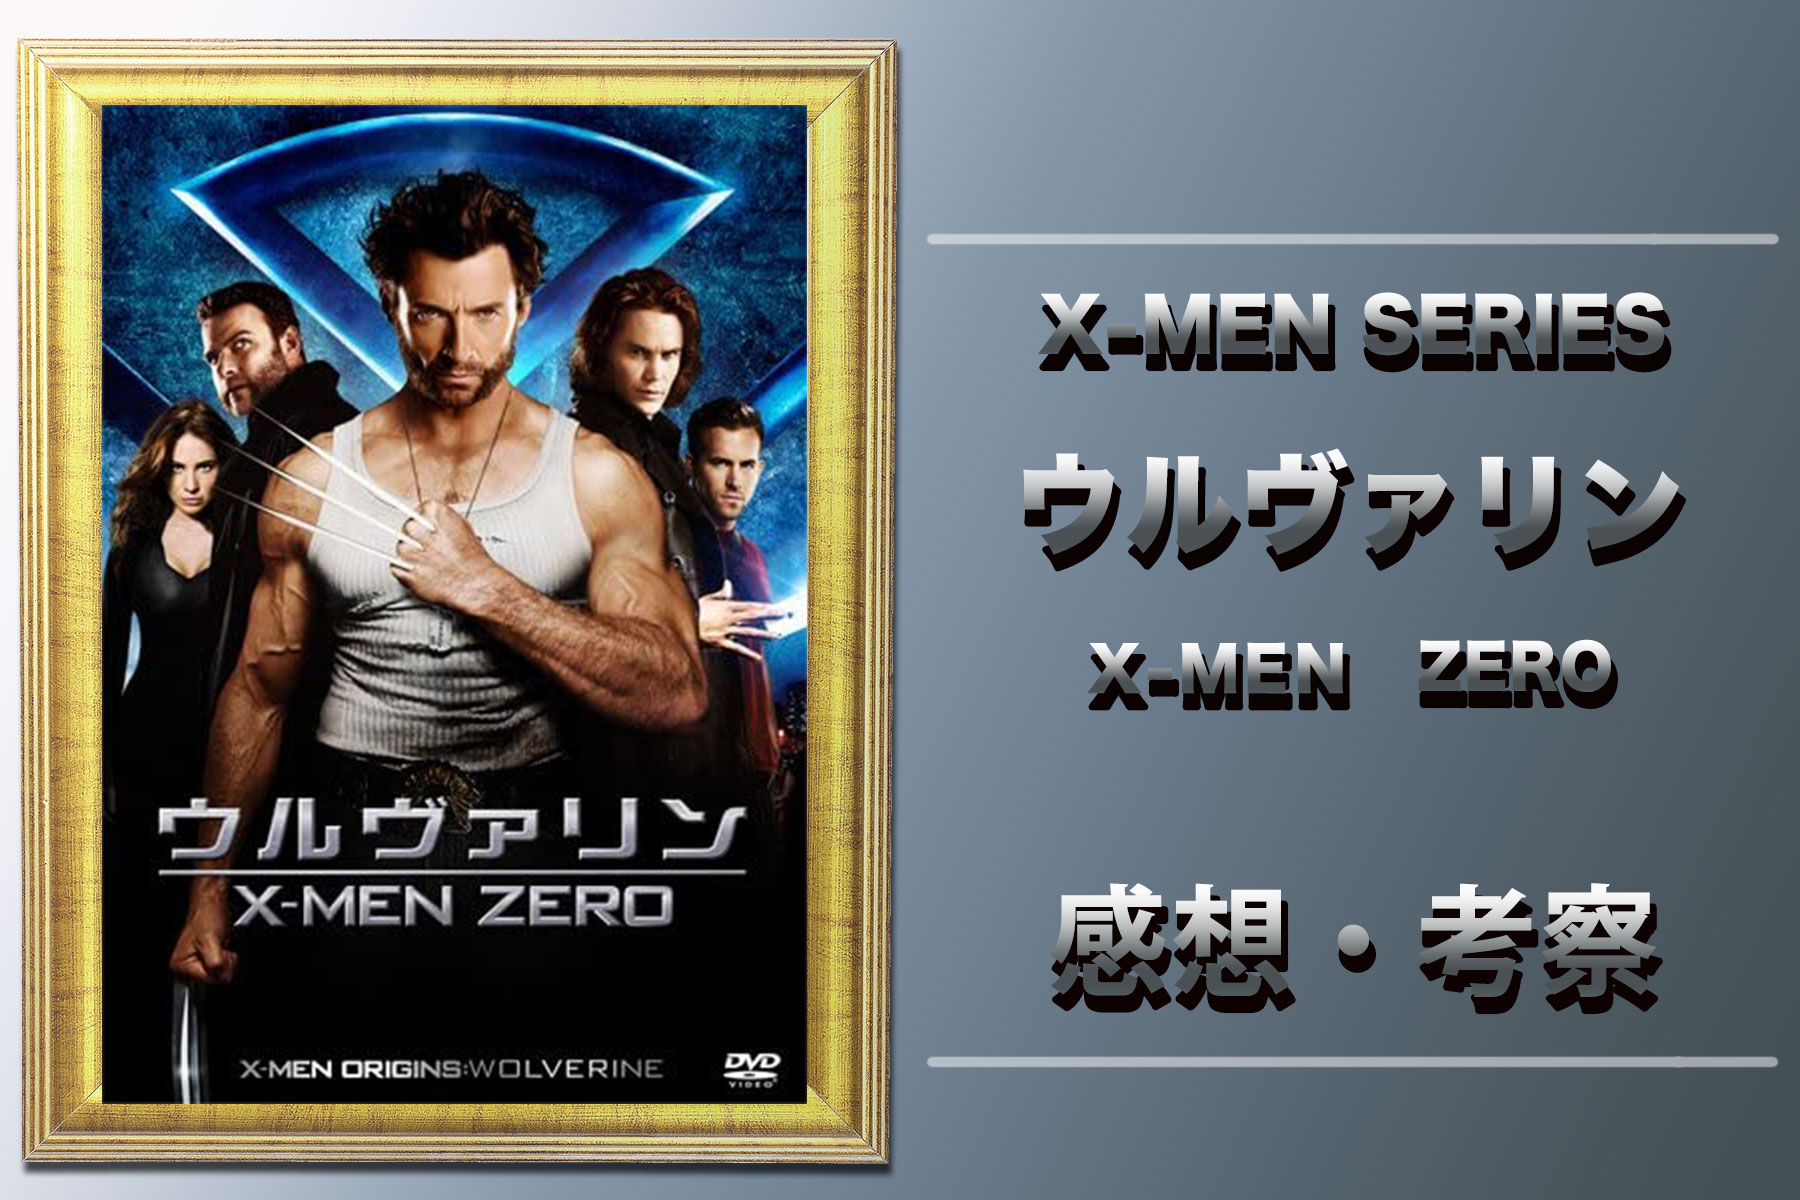 ウルヴァリン_X-MEN_ZERO_感想・解説・考察